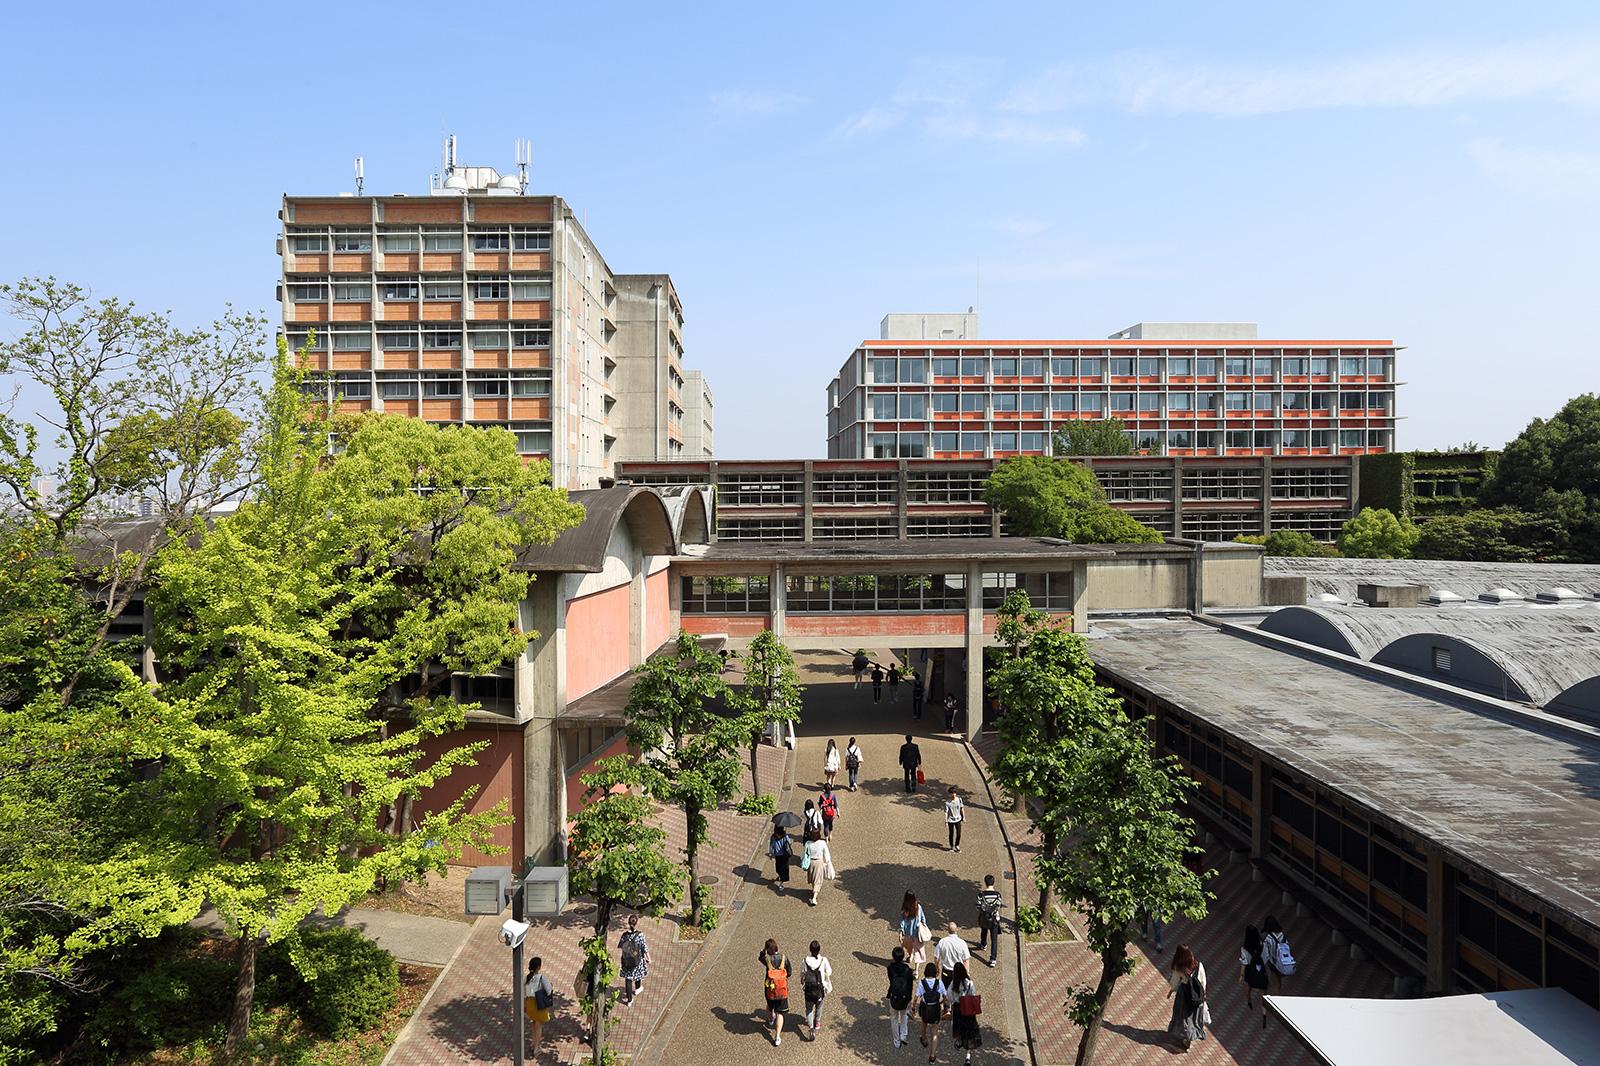 南山大学名古屋キャンパス Q棟